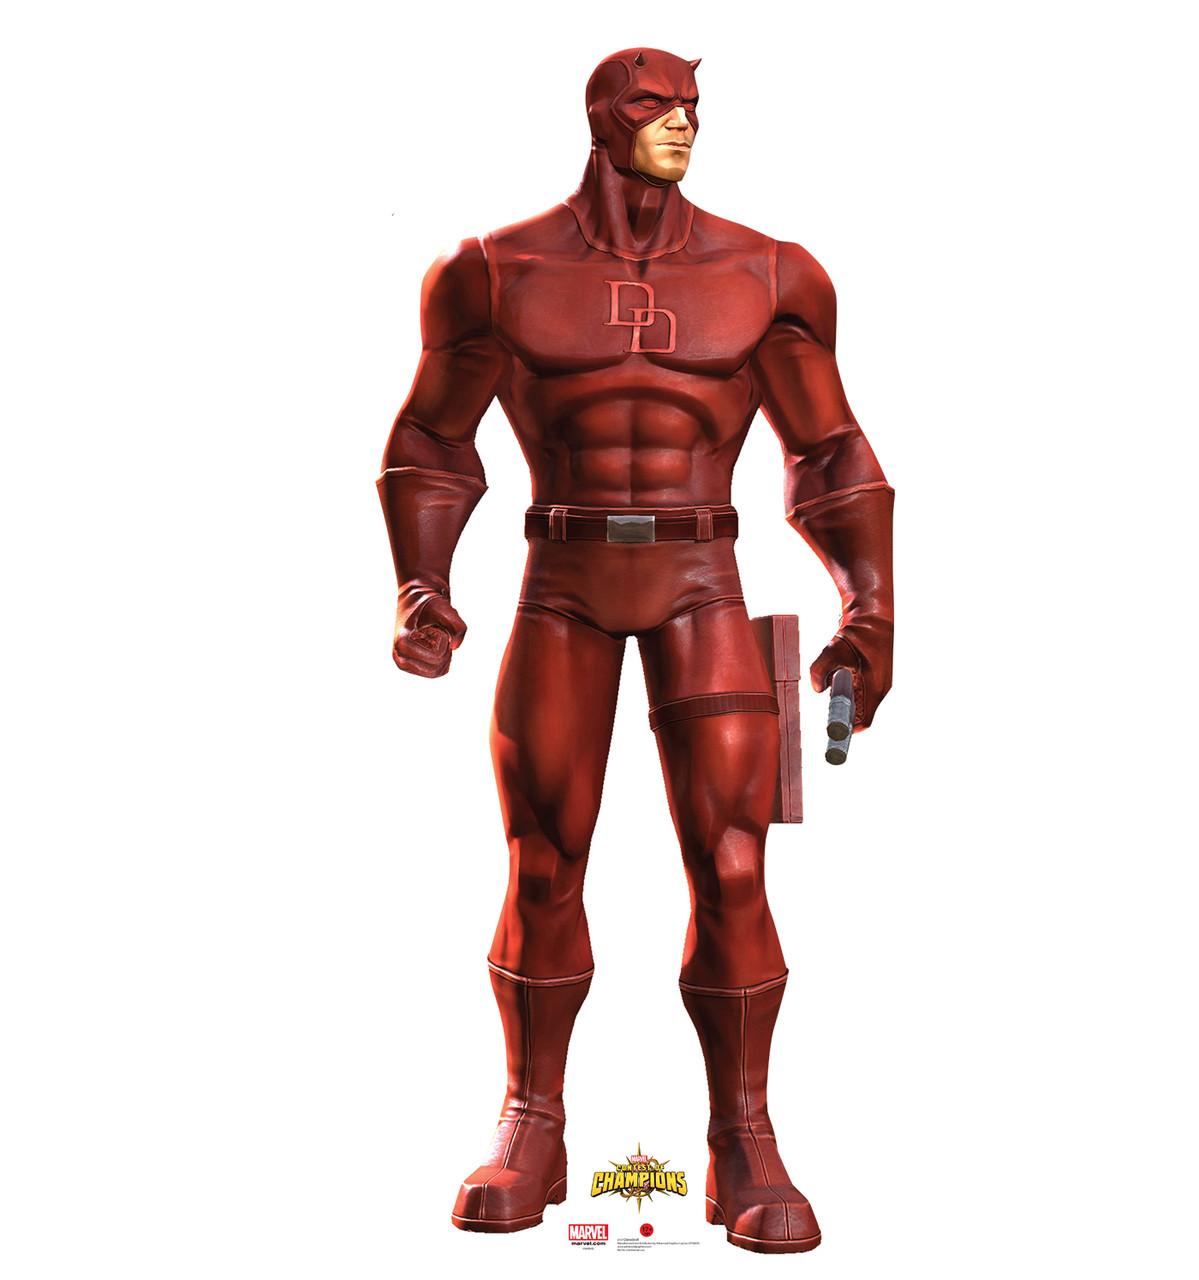 Daredevil - Cardboard Cutout 2147